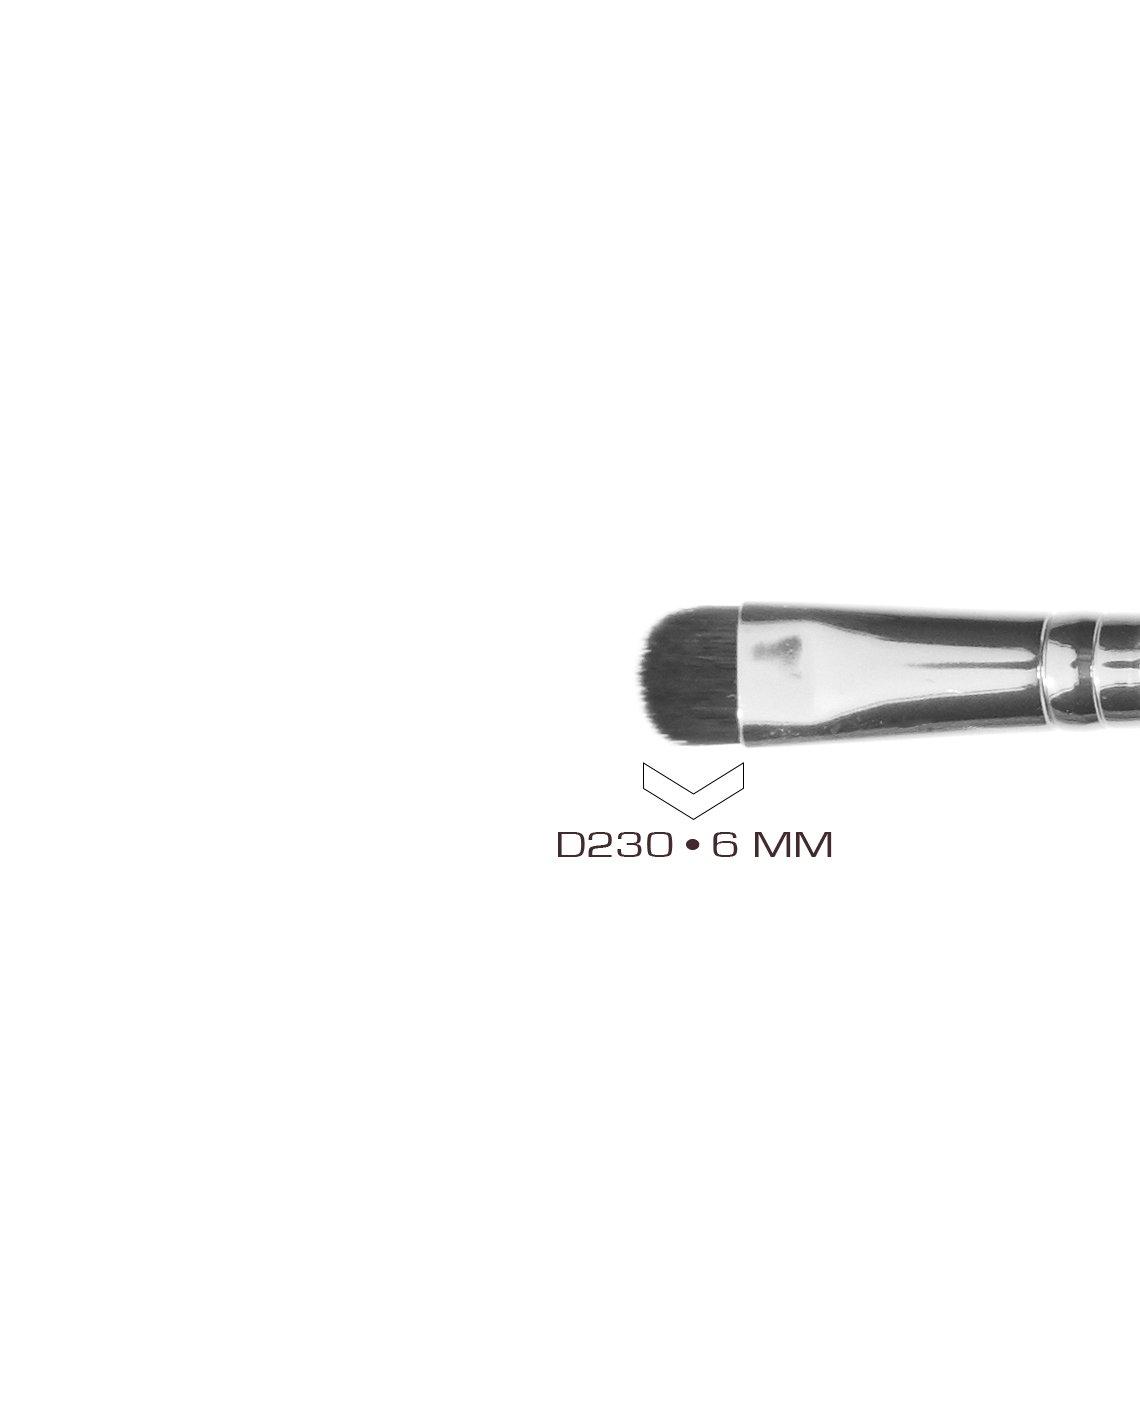 D230 Mini Definer